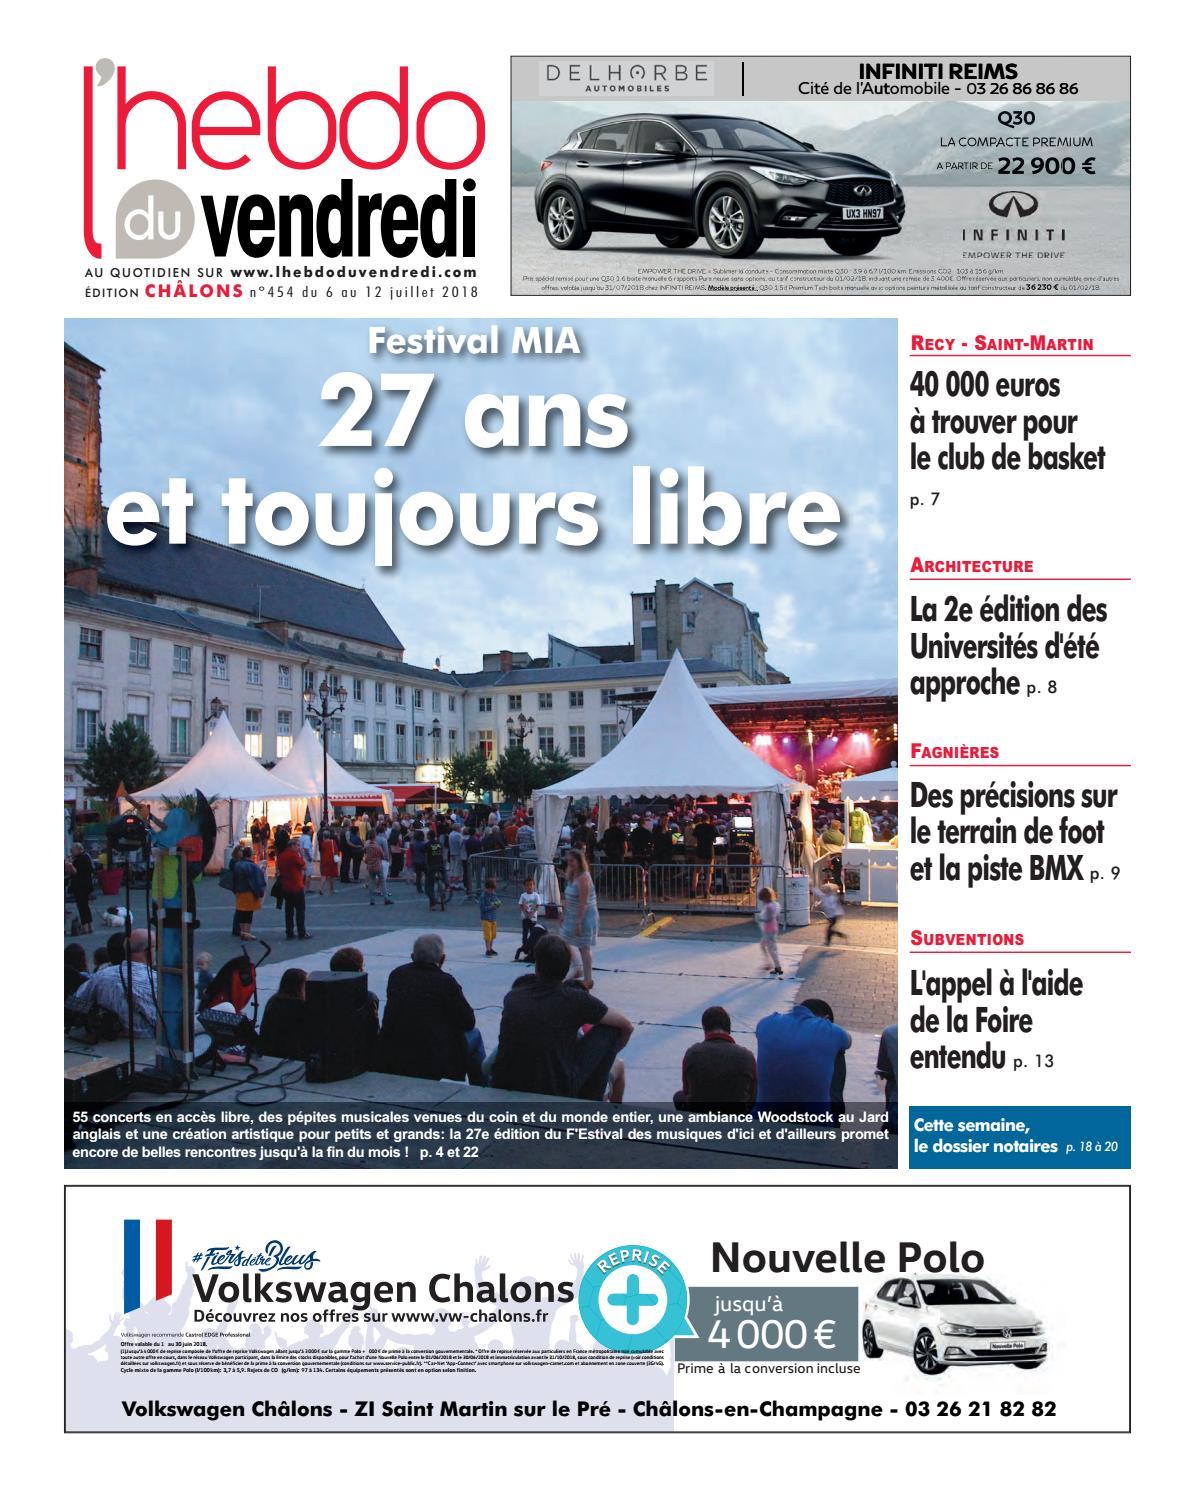 courrier quotidien en ligne des conseils de rencontres Marseille vitesse de datation